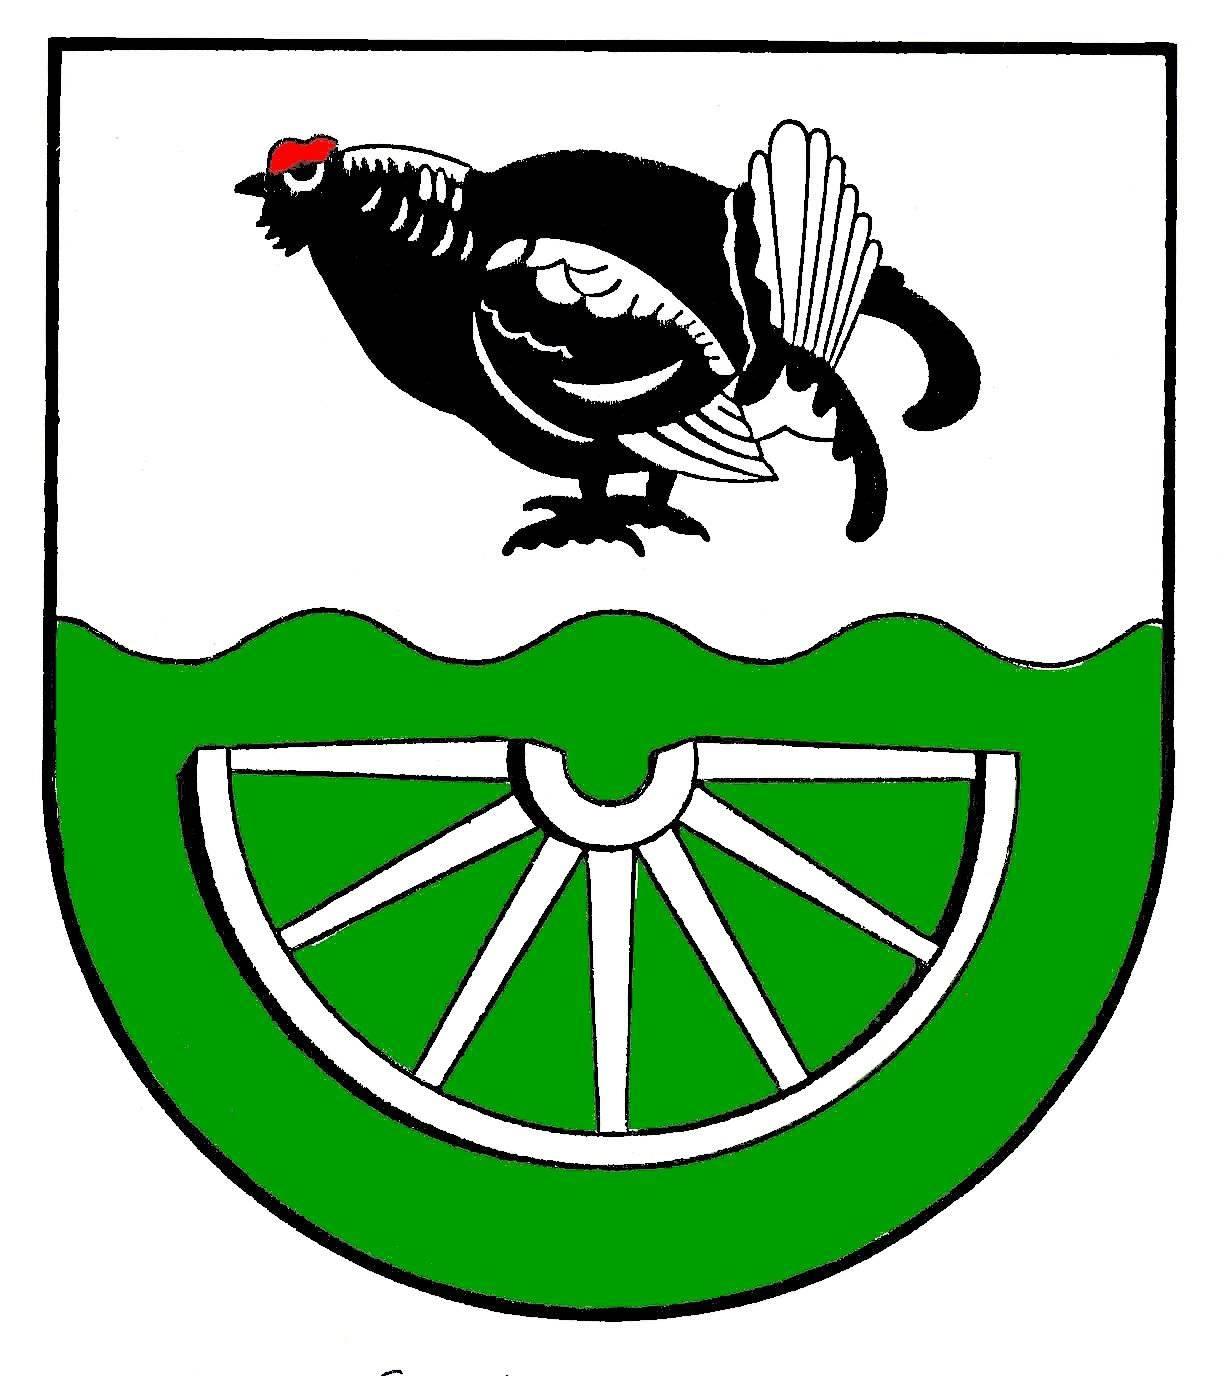 Wappen GemeindeDörpstedt, Kreis Schleswig-Flensburg